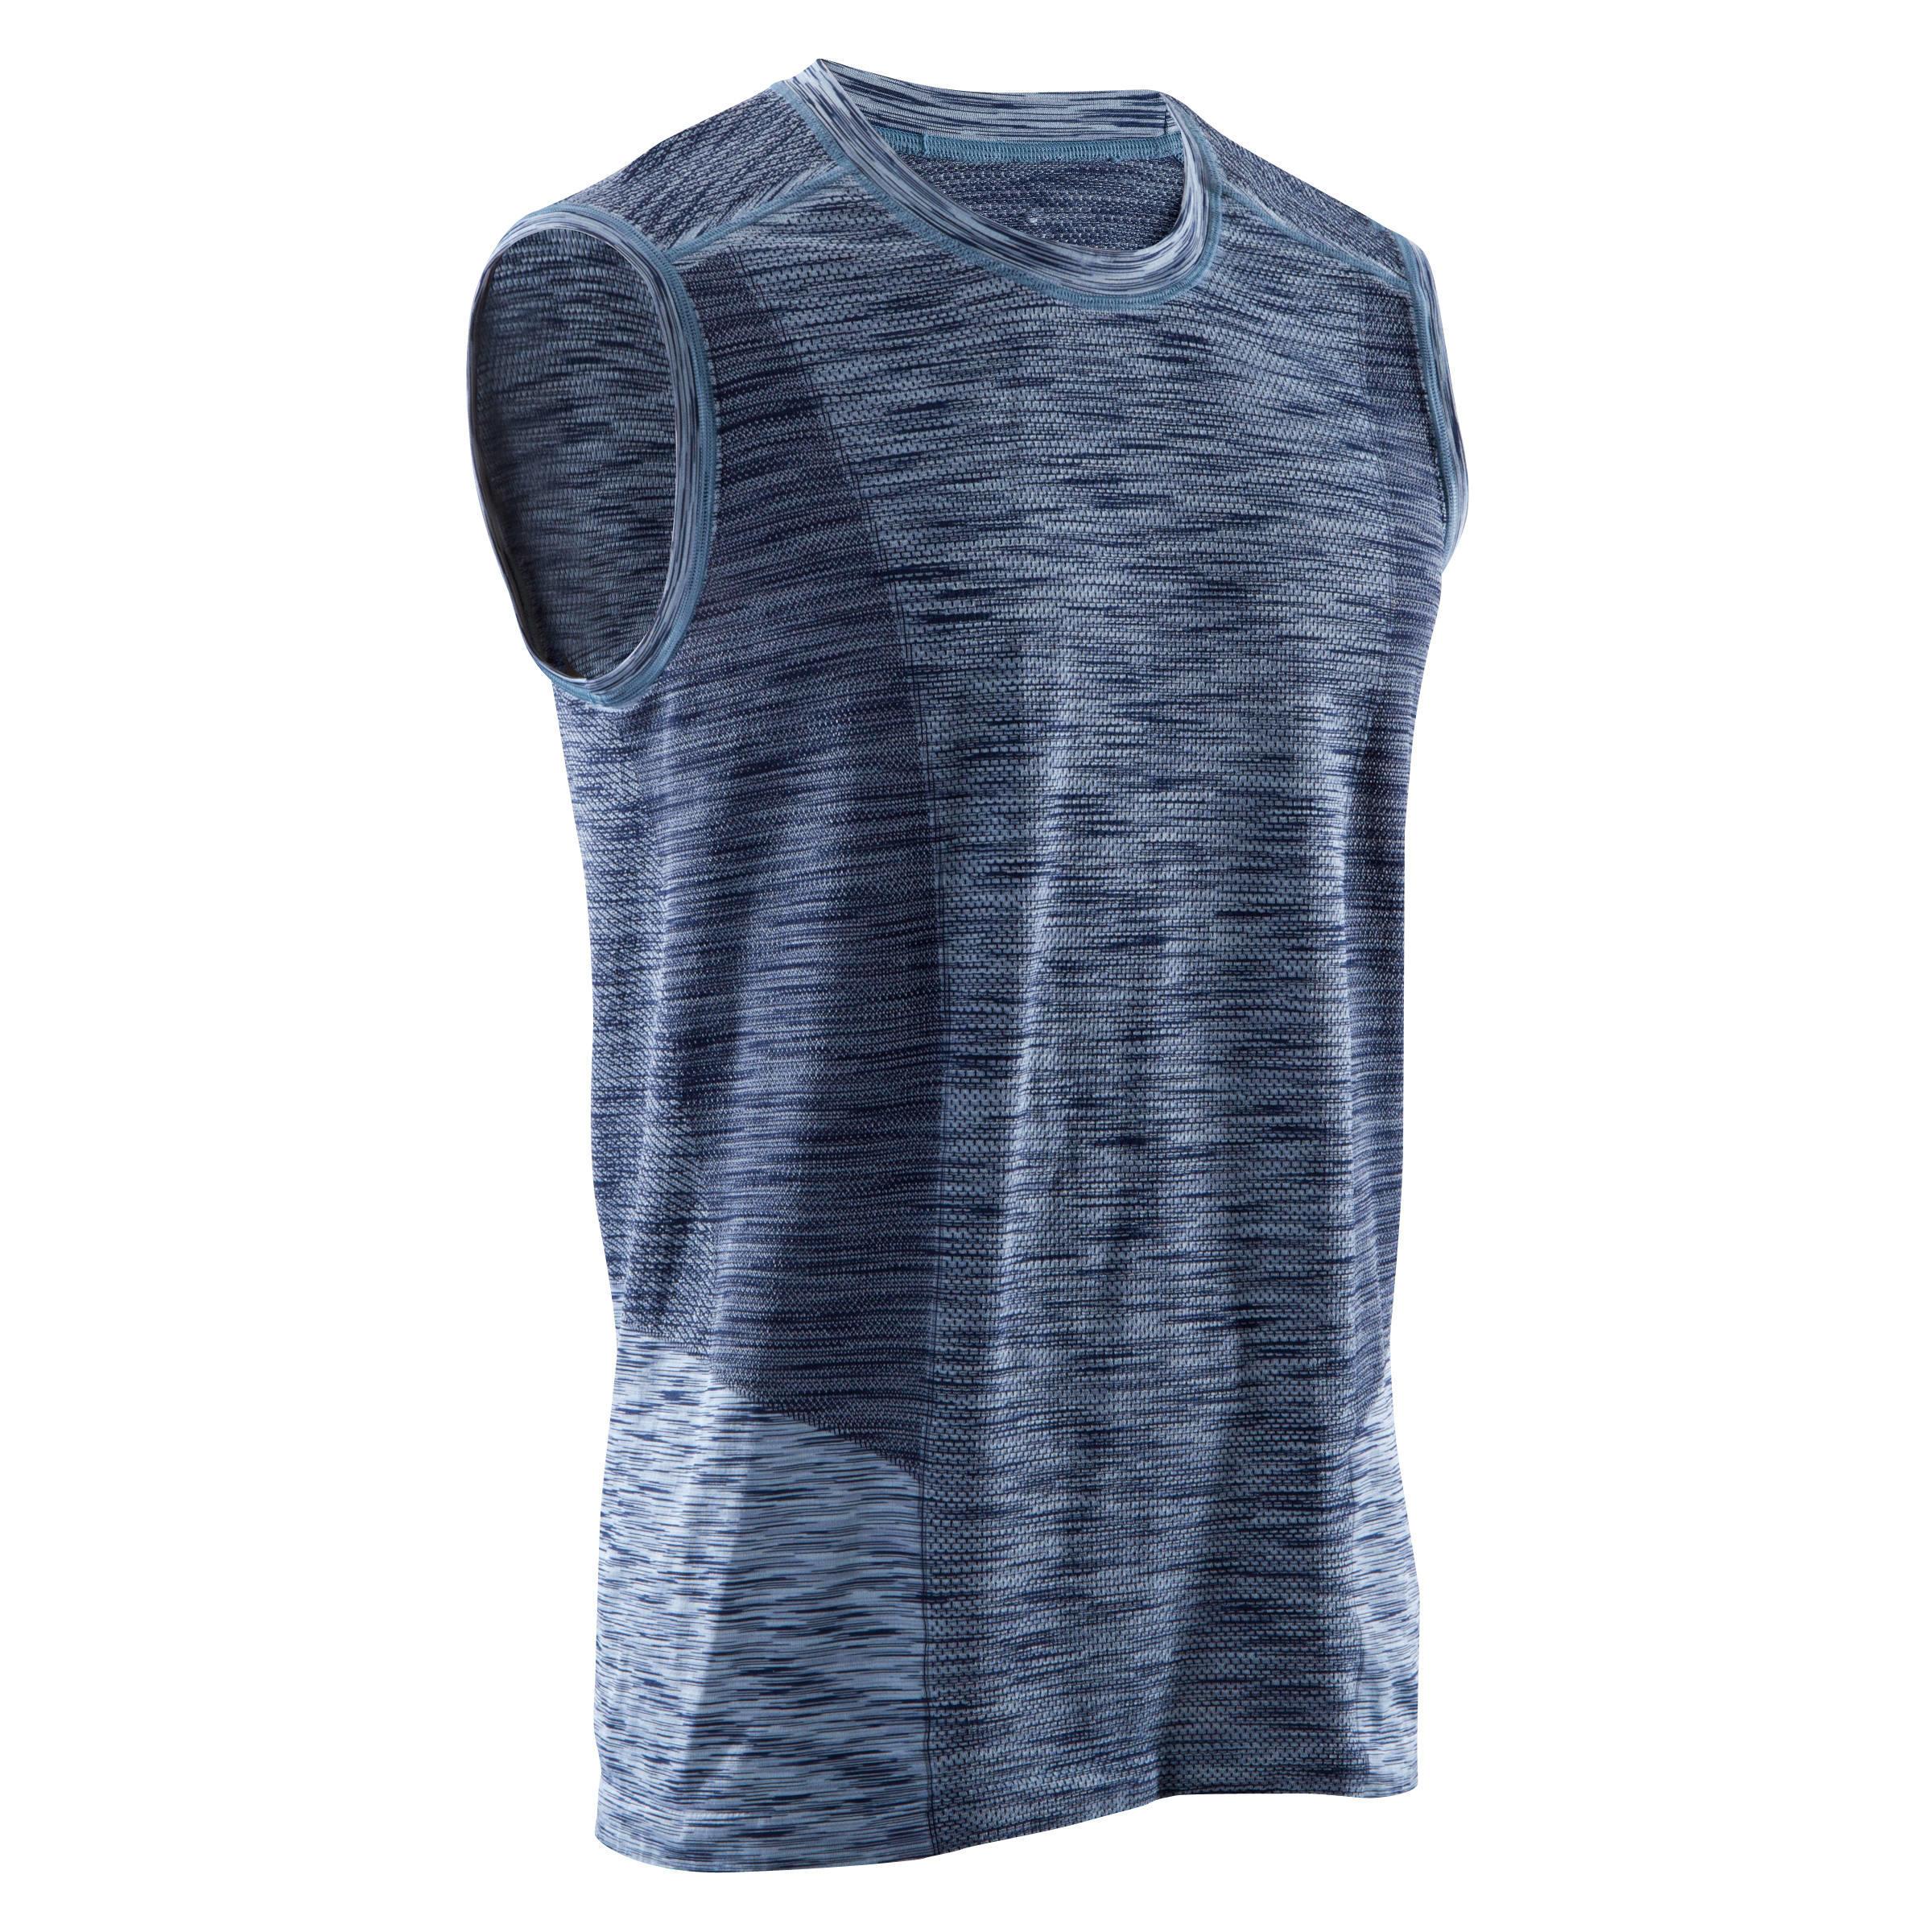 9f5f3364d Camiseta sin mangas y sin costuras YOGA negro/azul para hombre